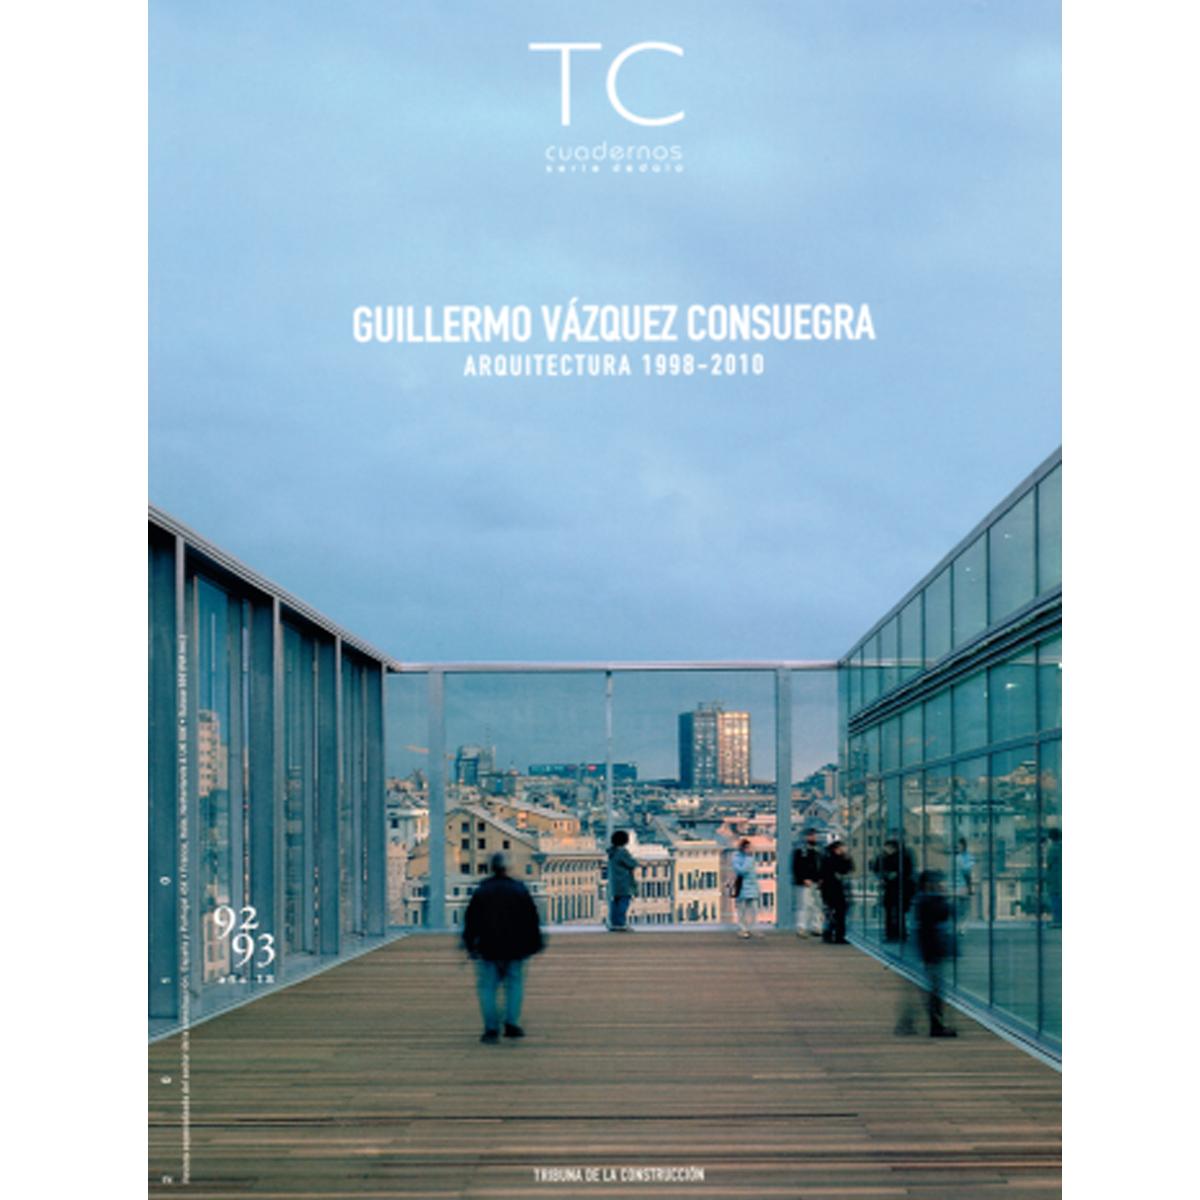 TC Cuadernos: Guillermo Vázquez Consuegra